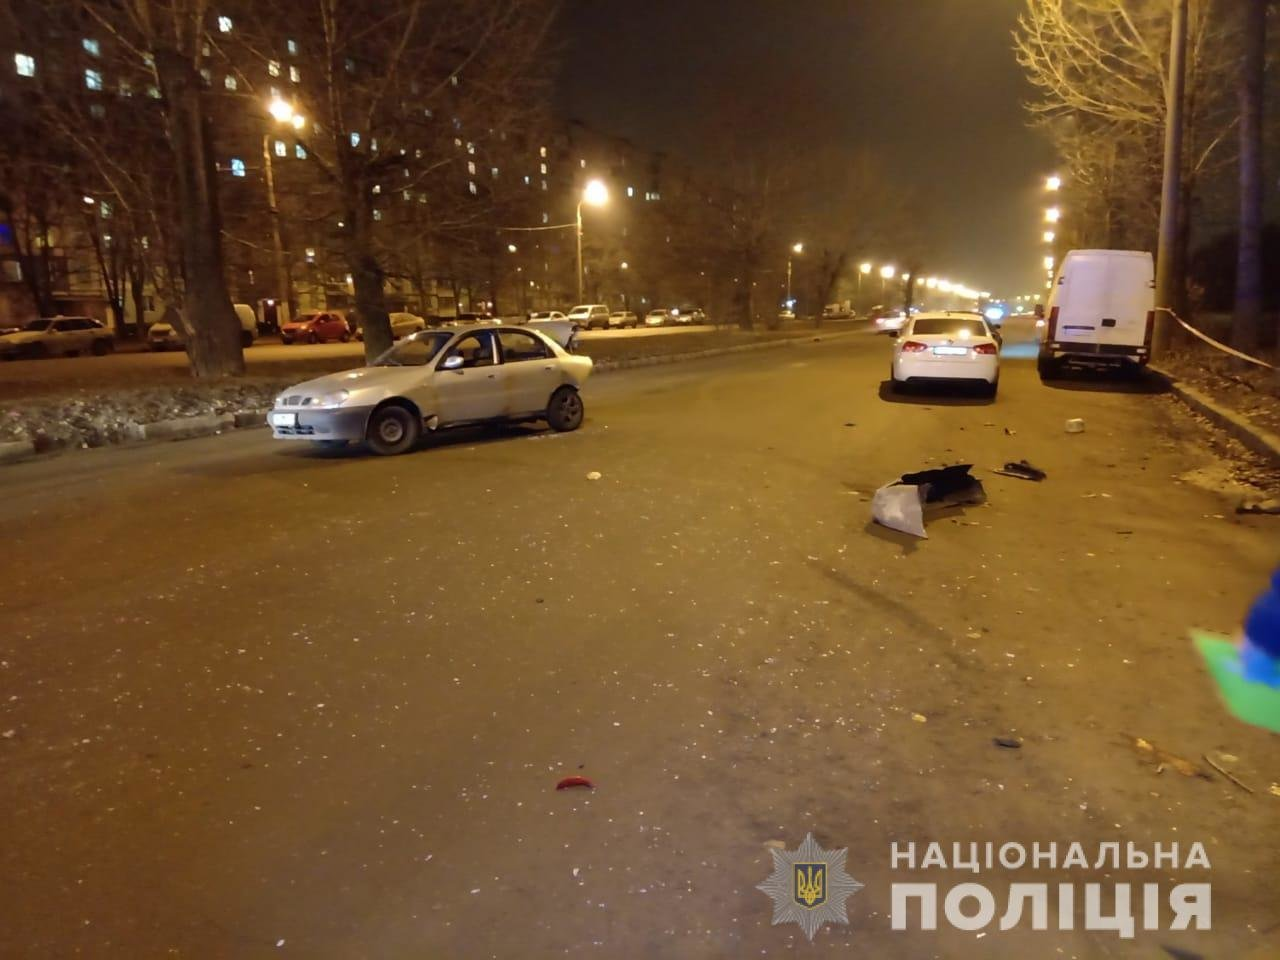 В Харькове пьяный водитель устроил ДТП и пытался скрыться с места аварии, - ФОТО, фото-2